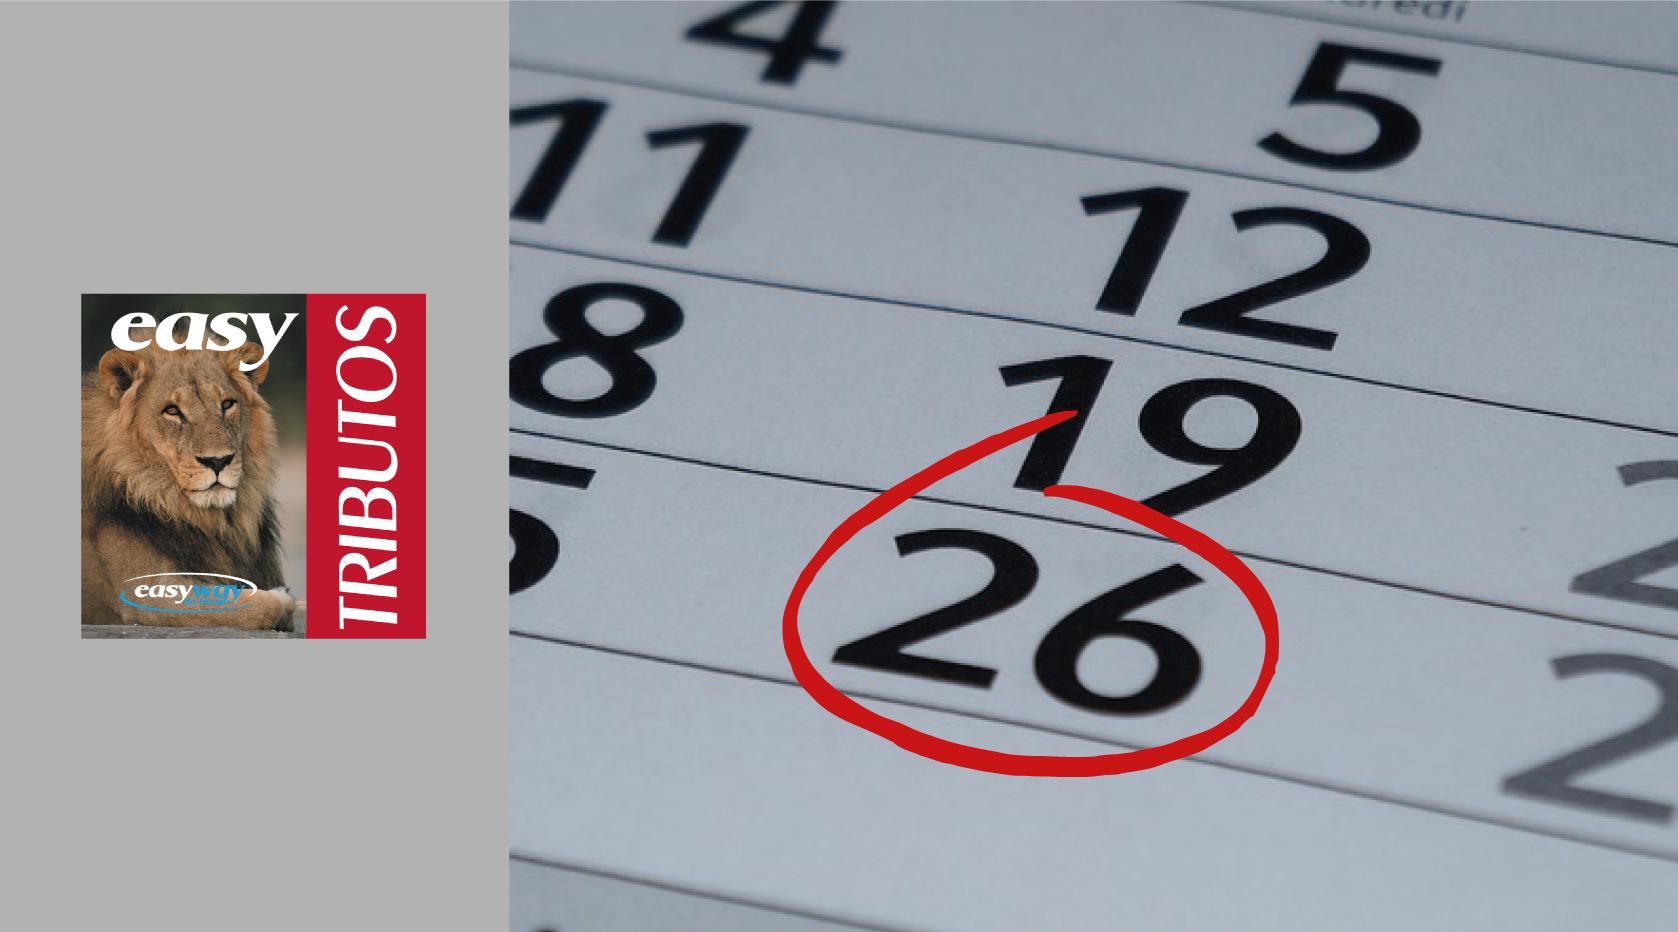 Três obrigatoriedades têm prazo final no dia 26 de fevereiro